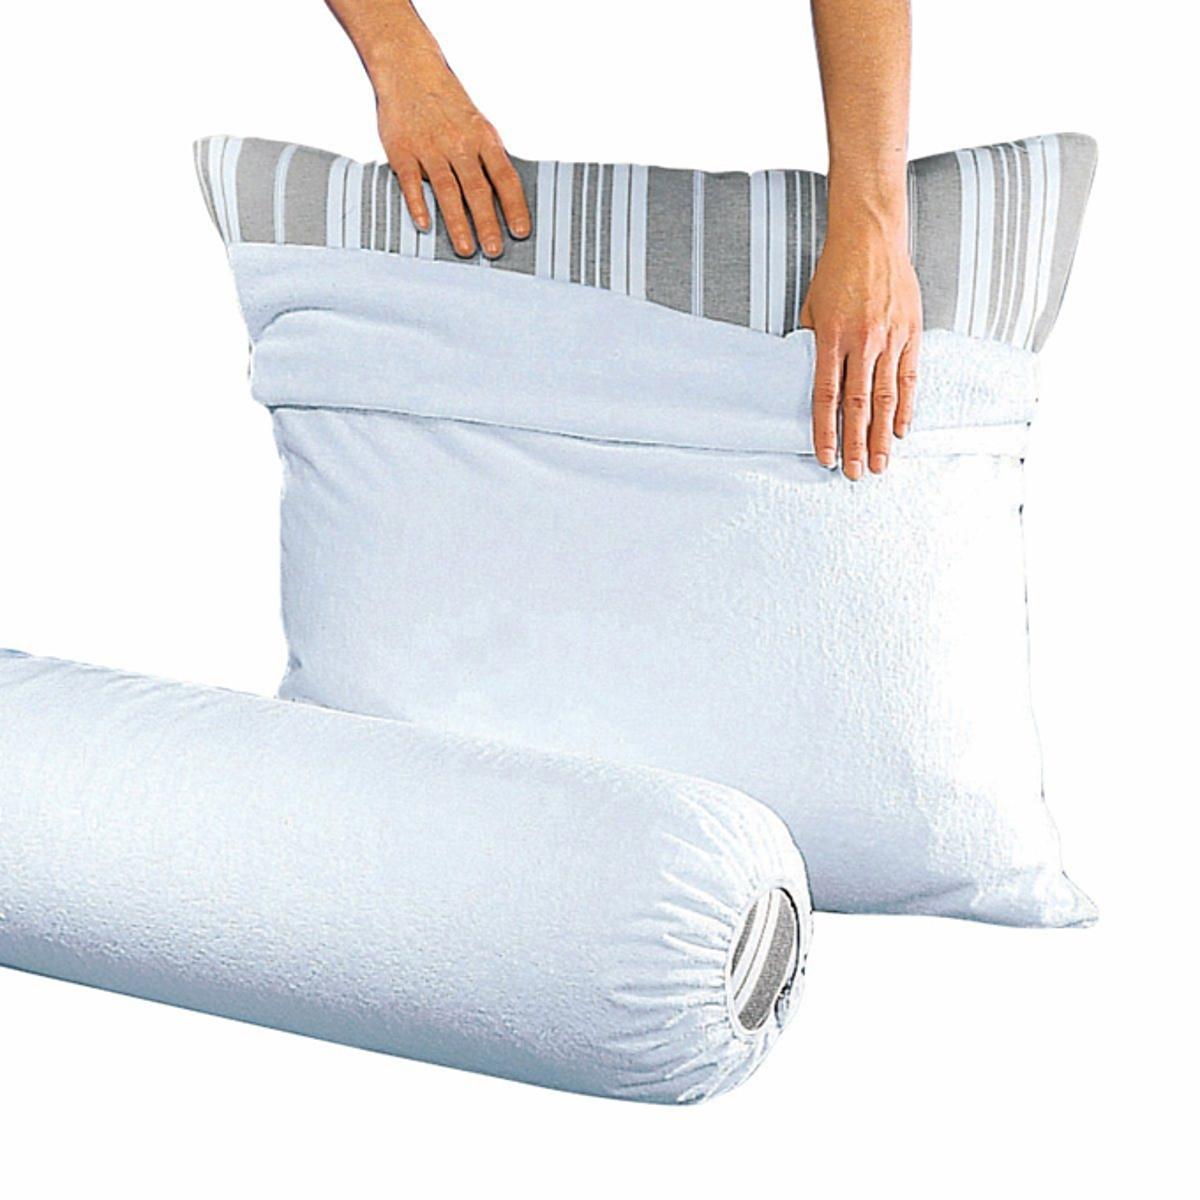 Чехол защитный на подушку, водонепроницаемыйЗащитный чехол из очень мягкой и приятной махровой ткани, поглощает излишнюю влагу тела и остается сухимЗащитный чехол на подушку из махровой эластичной ткани букле, с полиуретановой пропиткой, очень мягкой (250 г/м?), водонепроницаемой, дышащей и препятствующей потоотделению, с обработкой против бактерий.100% экологически чистый материал.Изделие прошло биообработку Материал: 80% хлопка, 20% полиэстера, плотность 400 г/м?.Имеется модель с размером для детской кровати (40 x 60)ХарактеристикиМашинная стирка при 60 °С.Качество VALEUR S?RE.<br><br>Цвет: белый